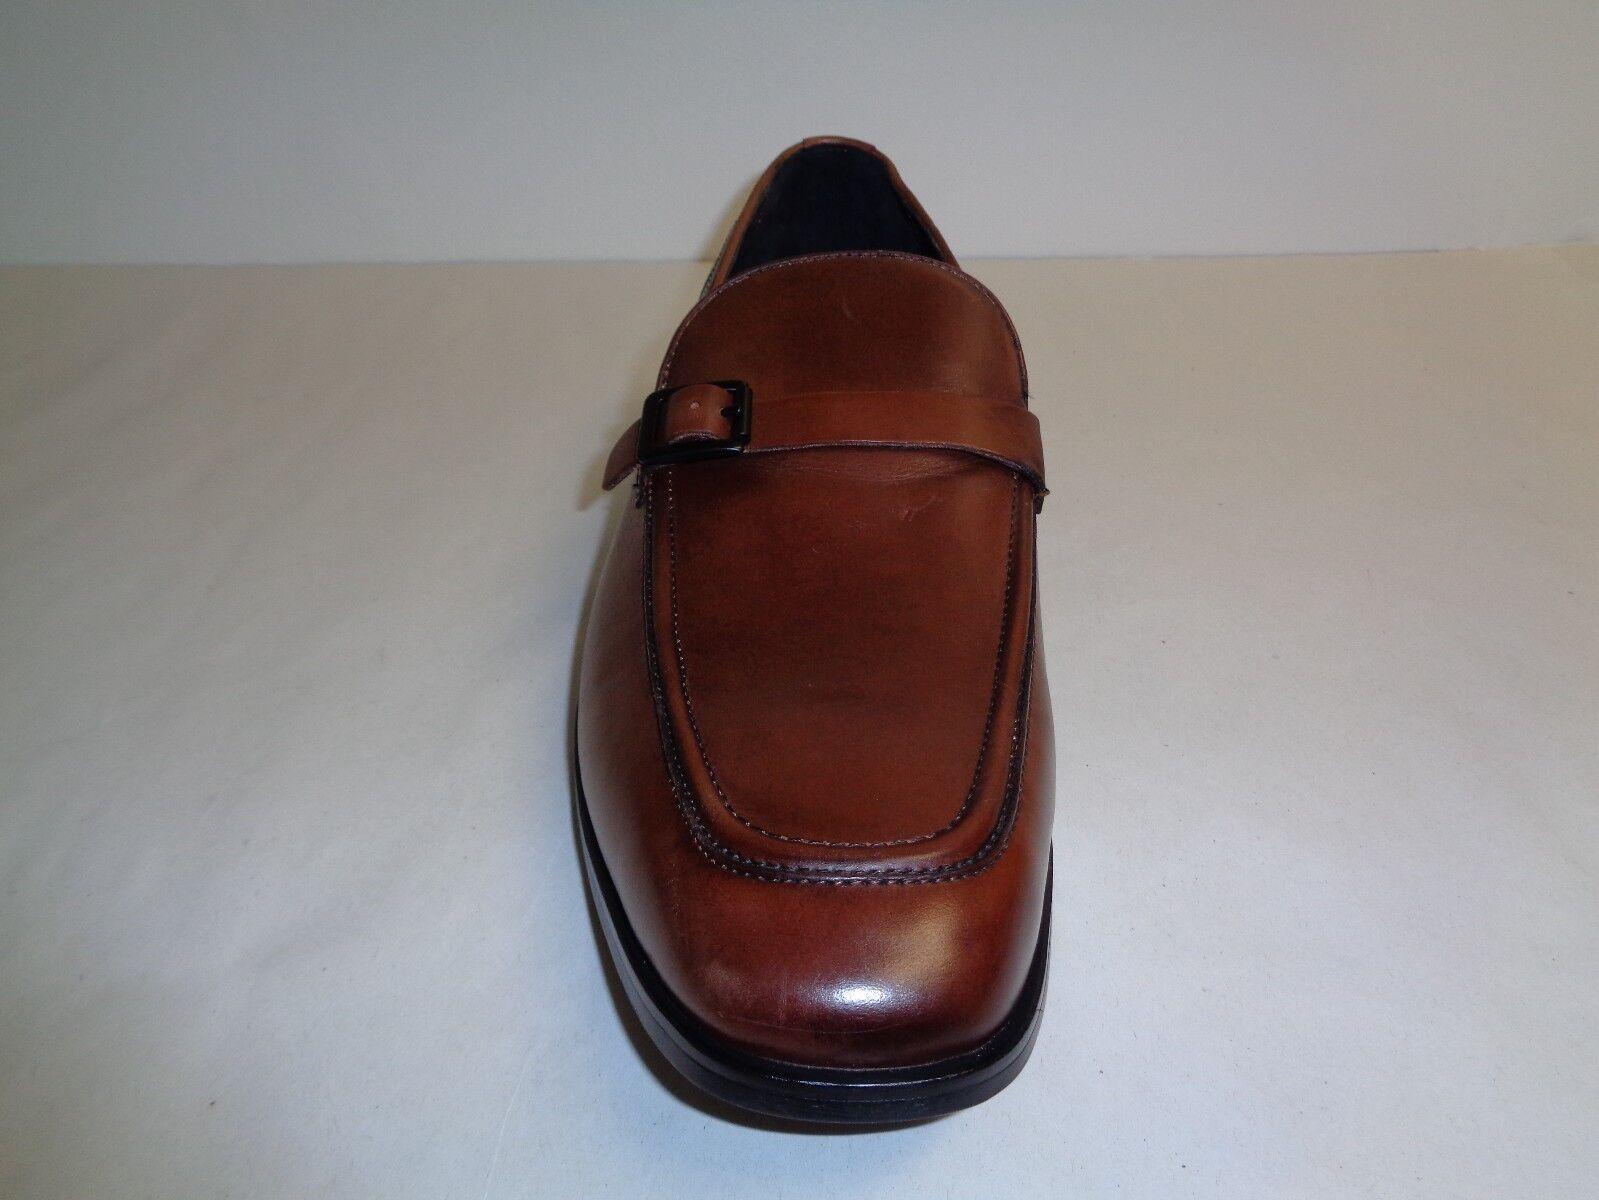 67c7186eb ... Kenneth Cole Size 8 M CUT LOOSE Cognac Cognac Cognac Brown Leather  Loafers New Mens Shoes ...